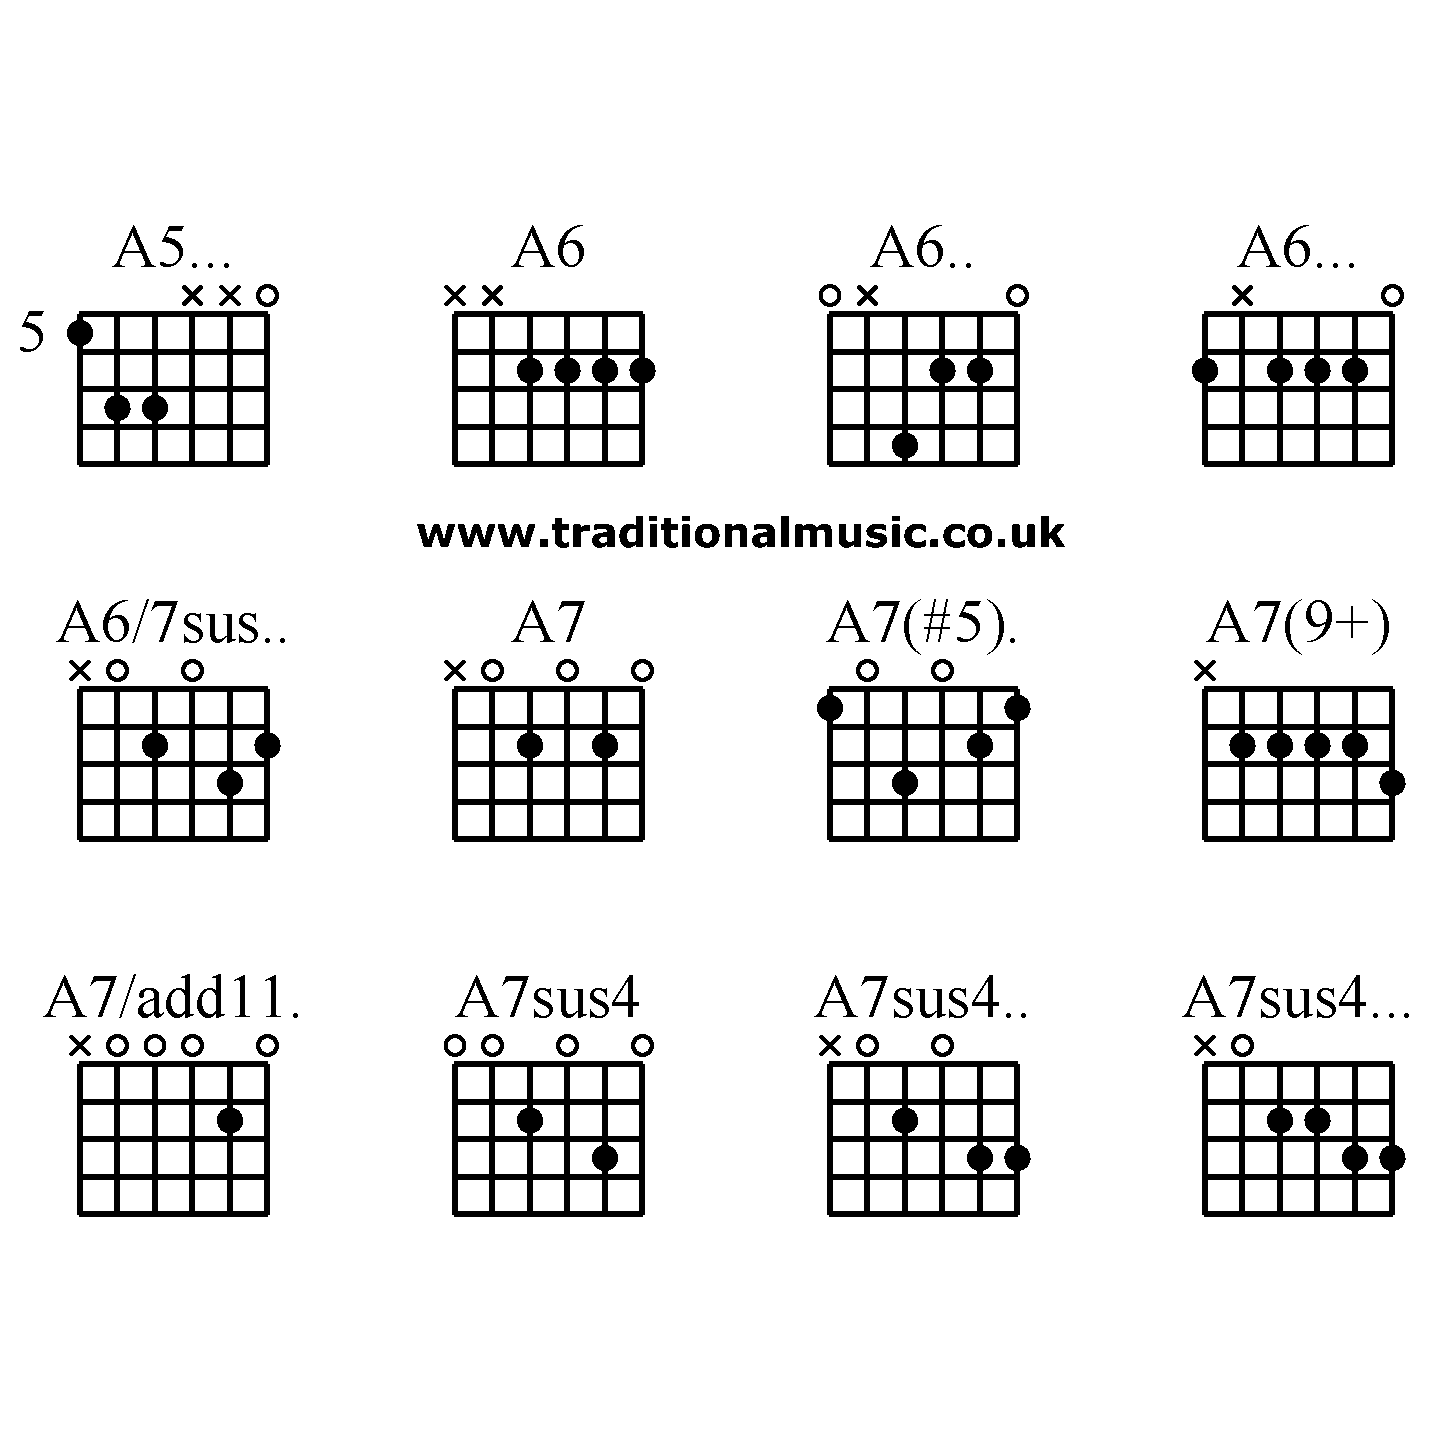 Advanced Guitar Chords A5 A6 A6 A6 A6 7sus A7 A7